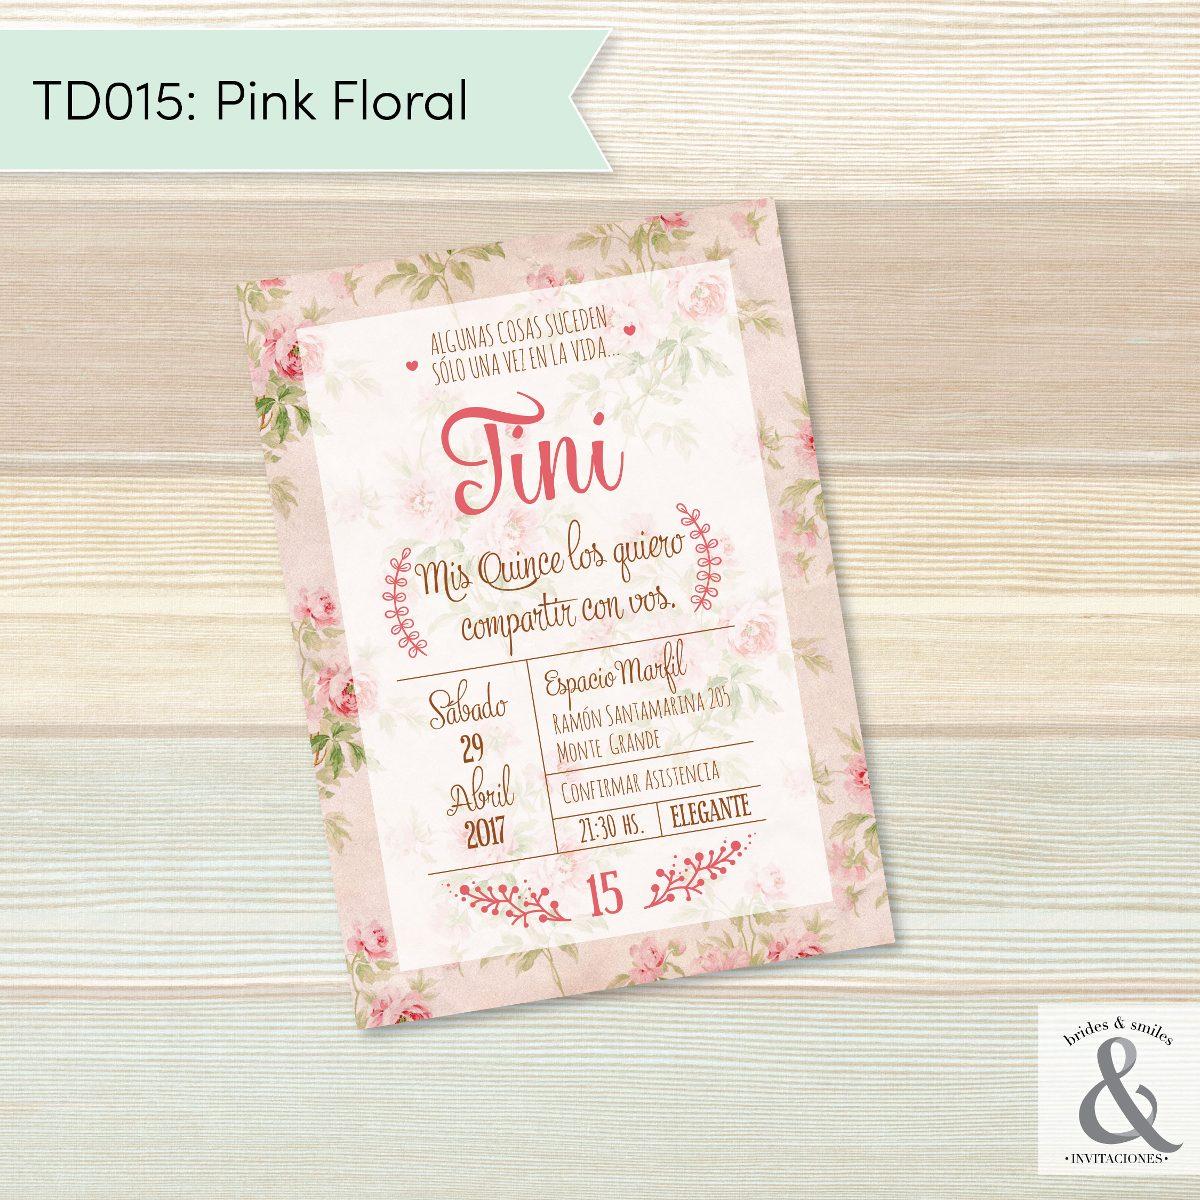 Invitación Digital Td015 Pink Floral Brides Amp Smiles